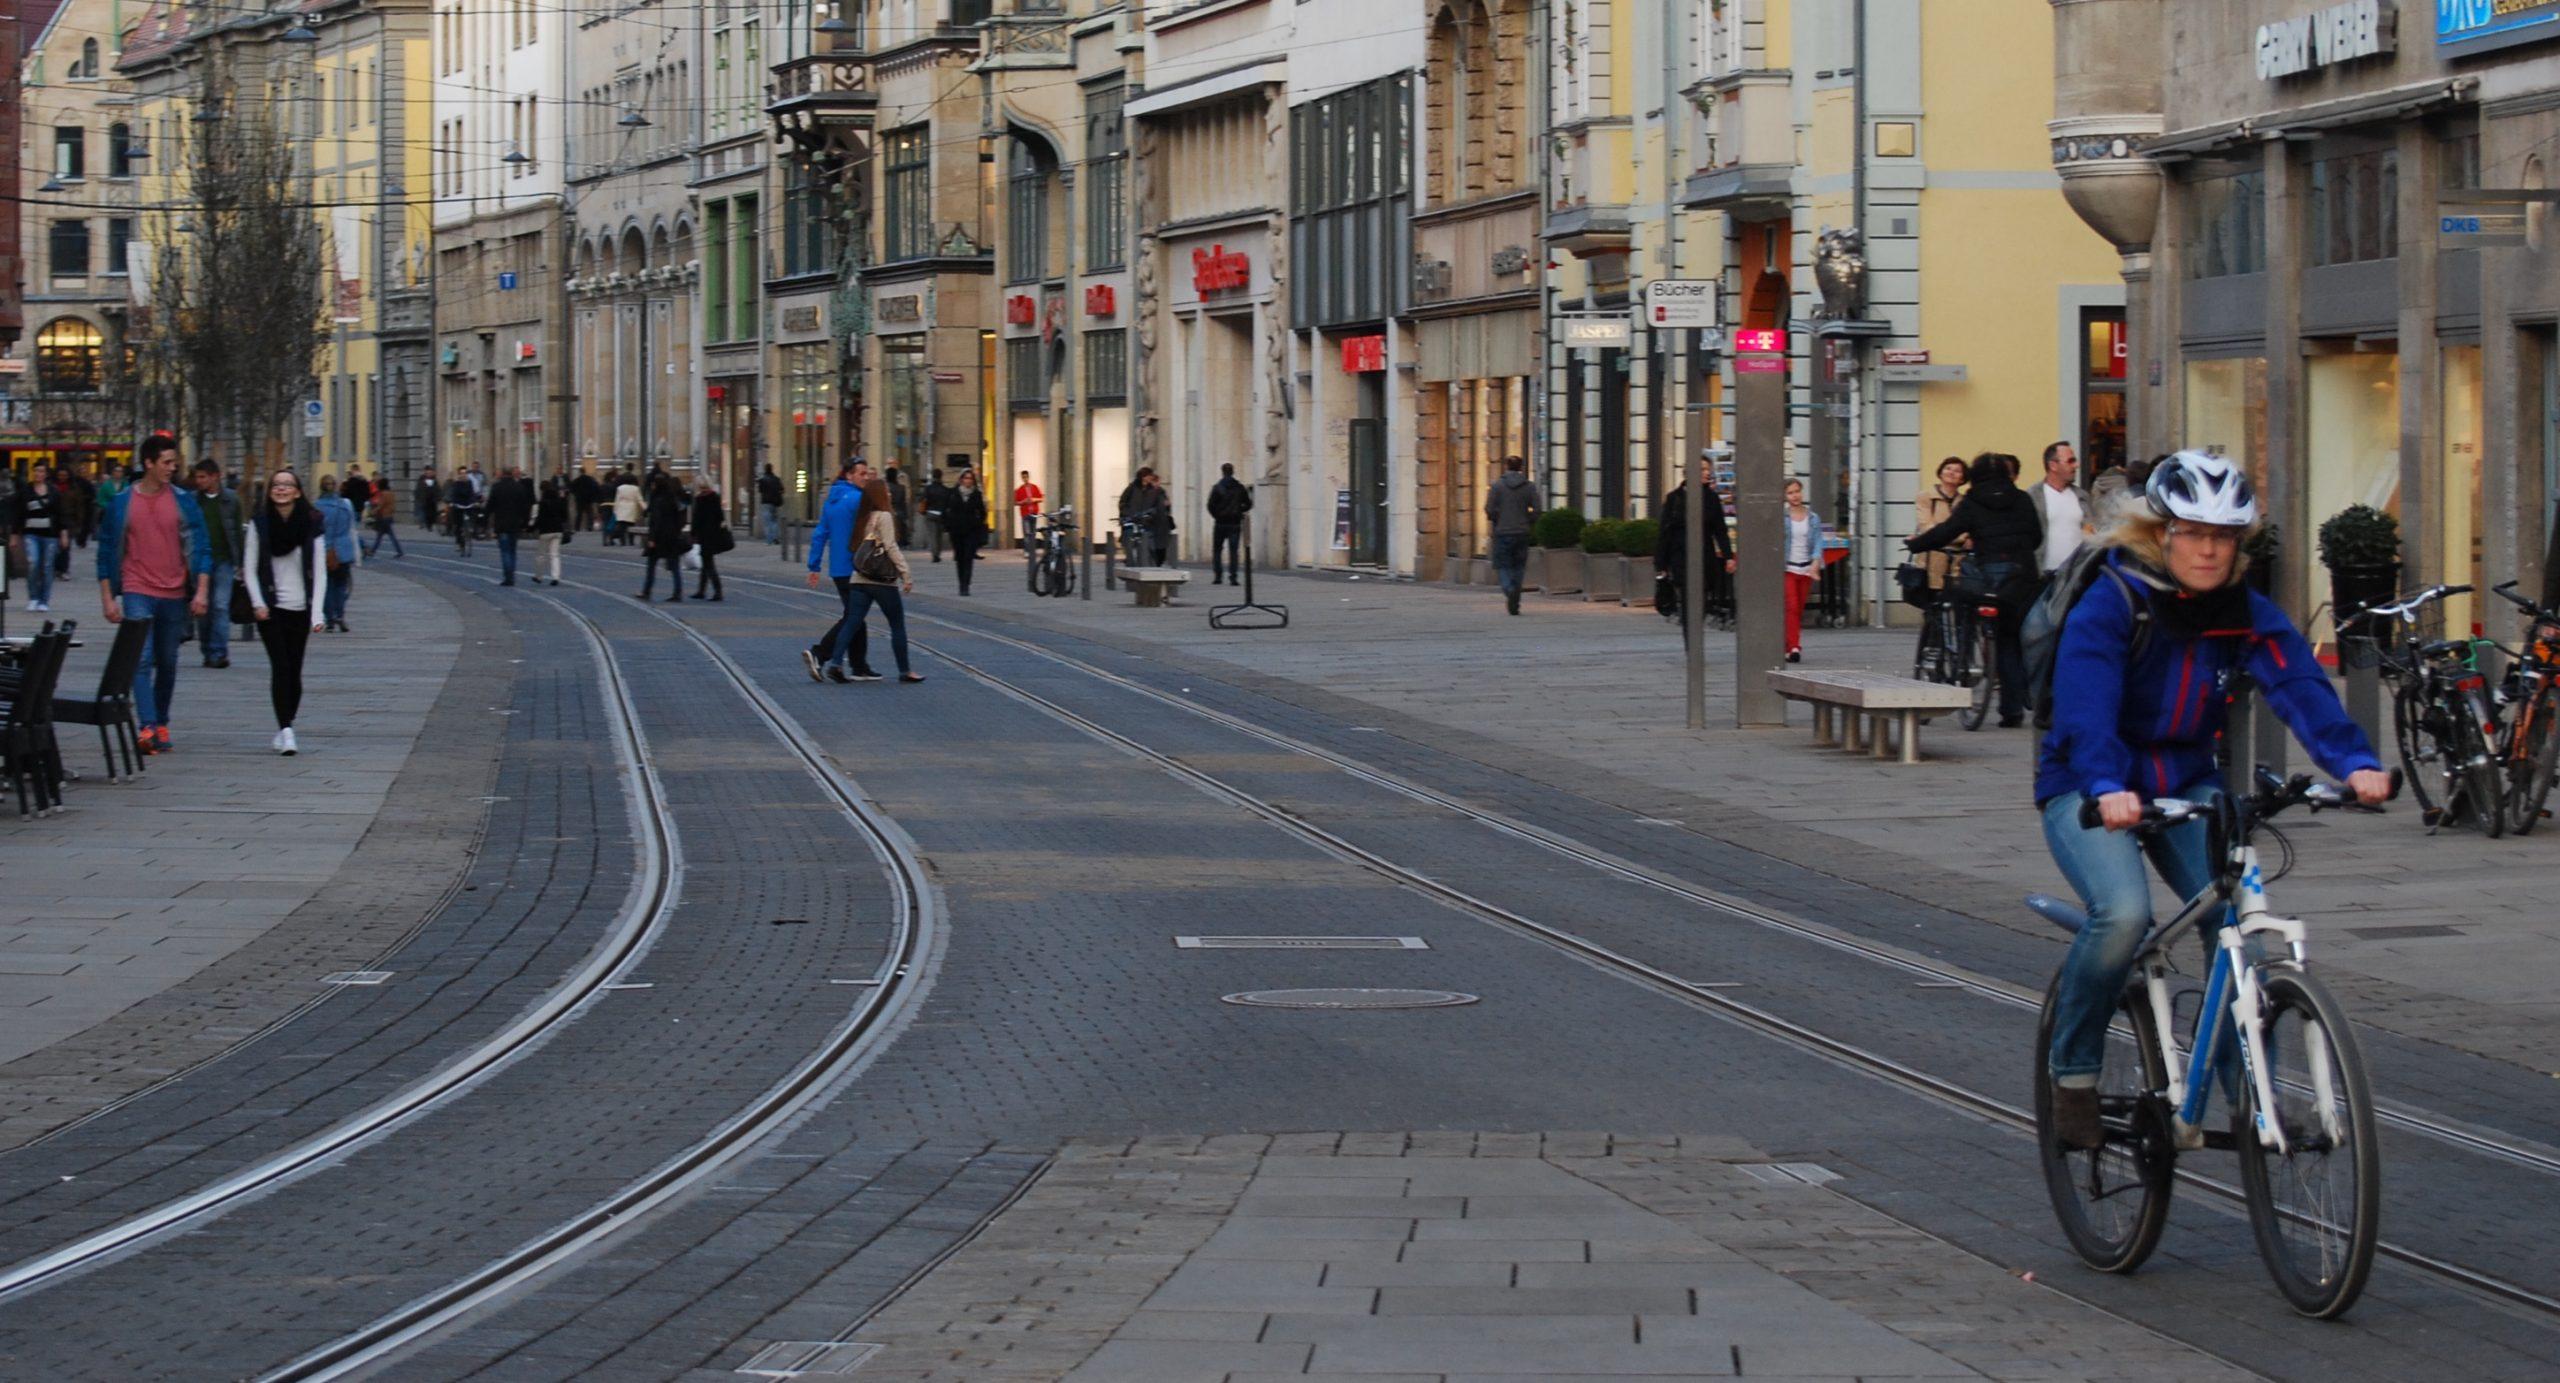 Thüringen: Worüber regt ihr euch auf?